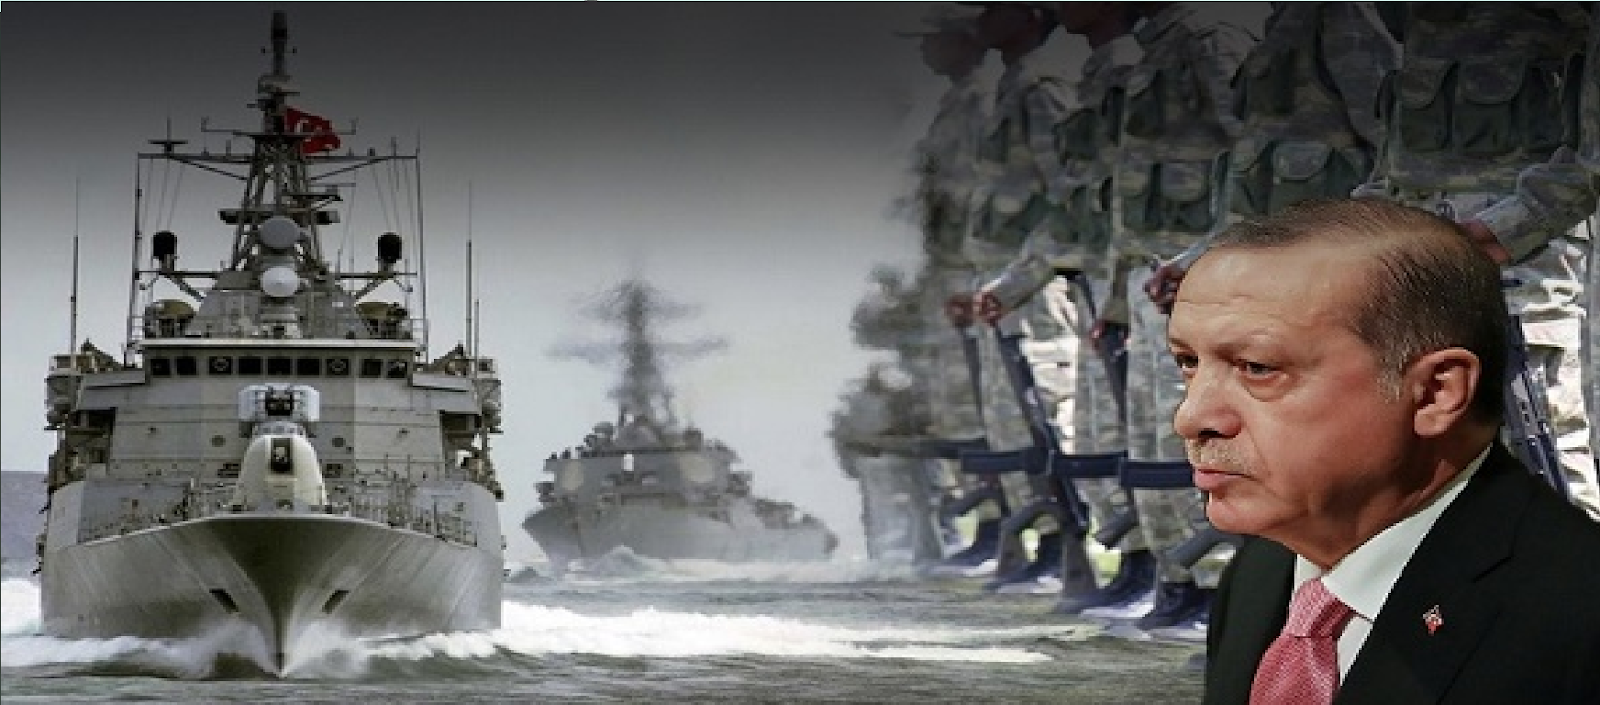 Η απάντηση της Λευκωσίας στον «Πορθητή» και το «σχέδιο» της Άγκυρας στην Ανατολική Μεσόγειο